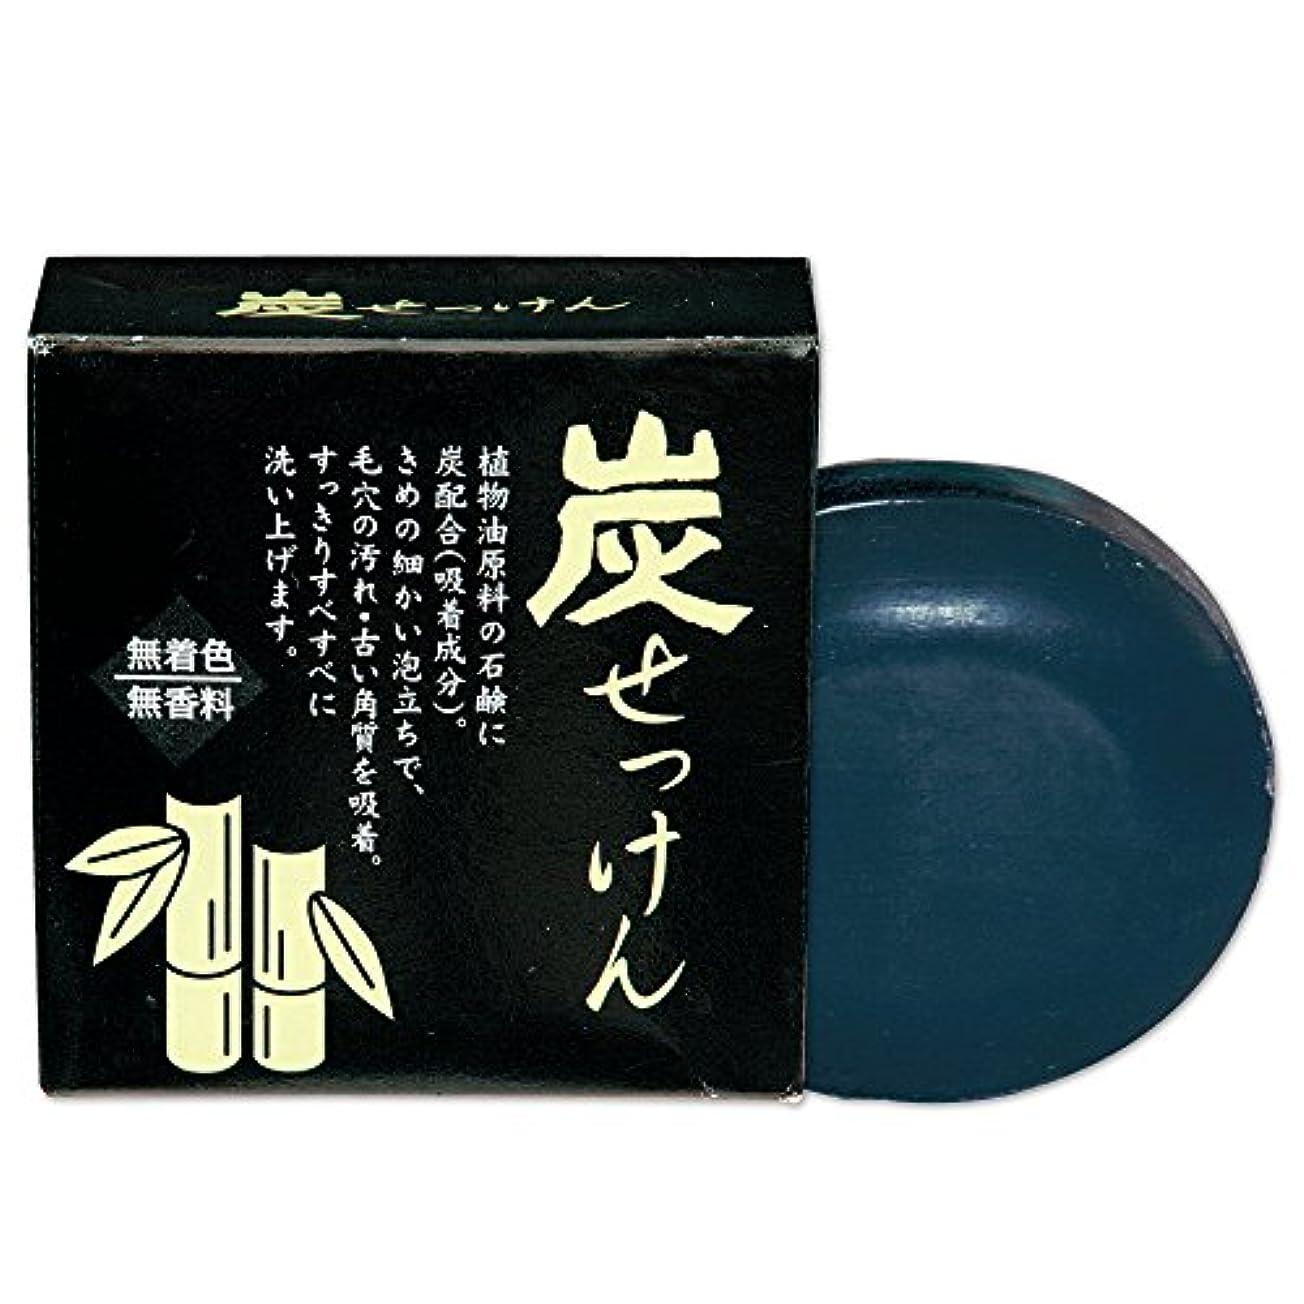 囲む戦術現代の竹炭の里 炭せっけん 無香料 無着色 100g 累計販売100万個突破の人気商品。